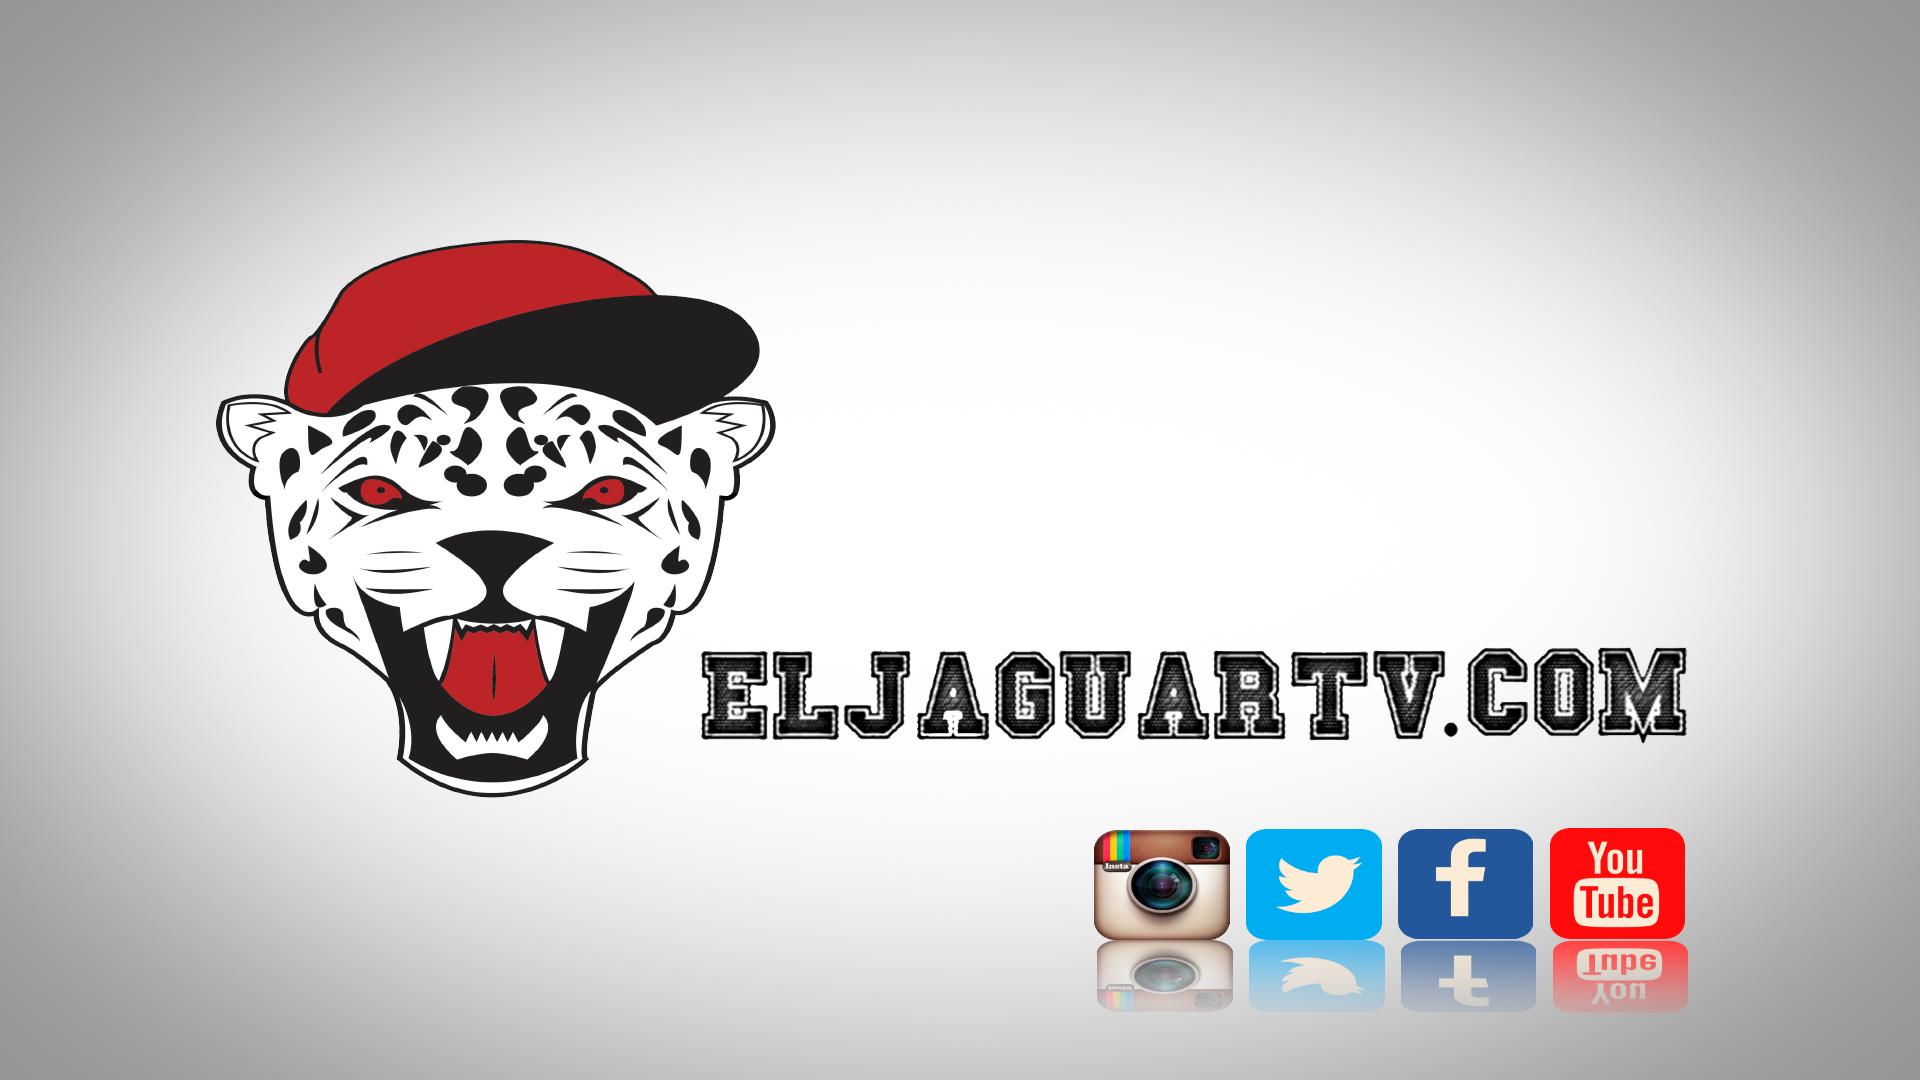 El Jaguar TV Media info